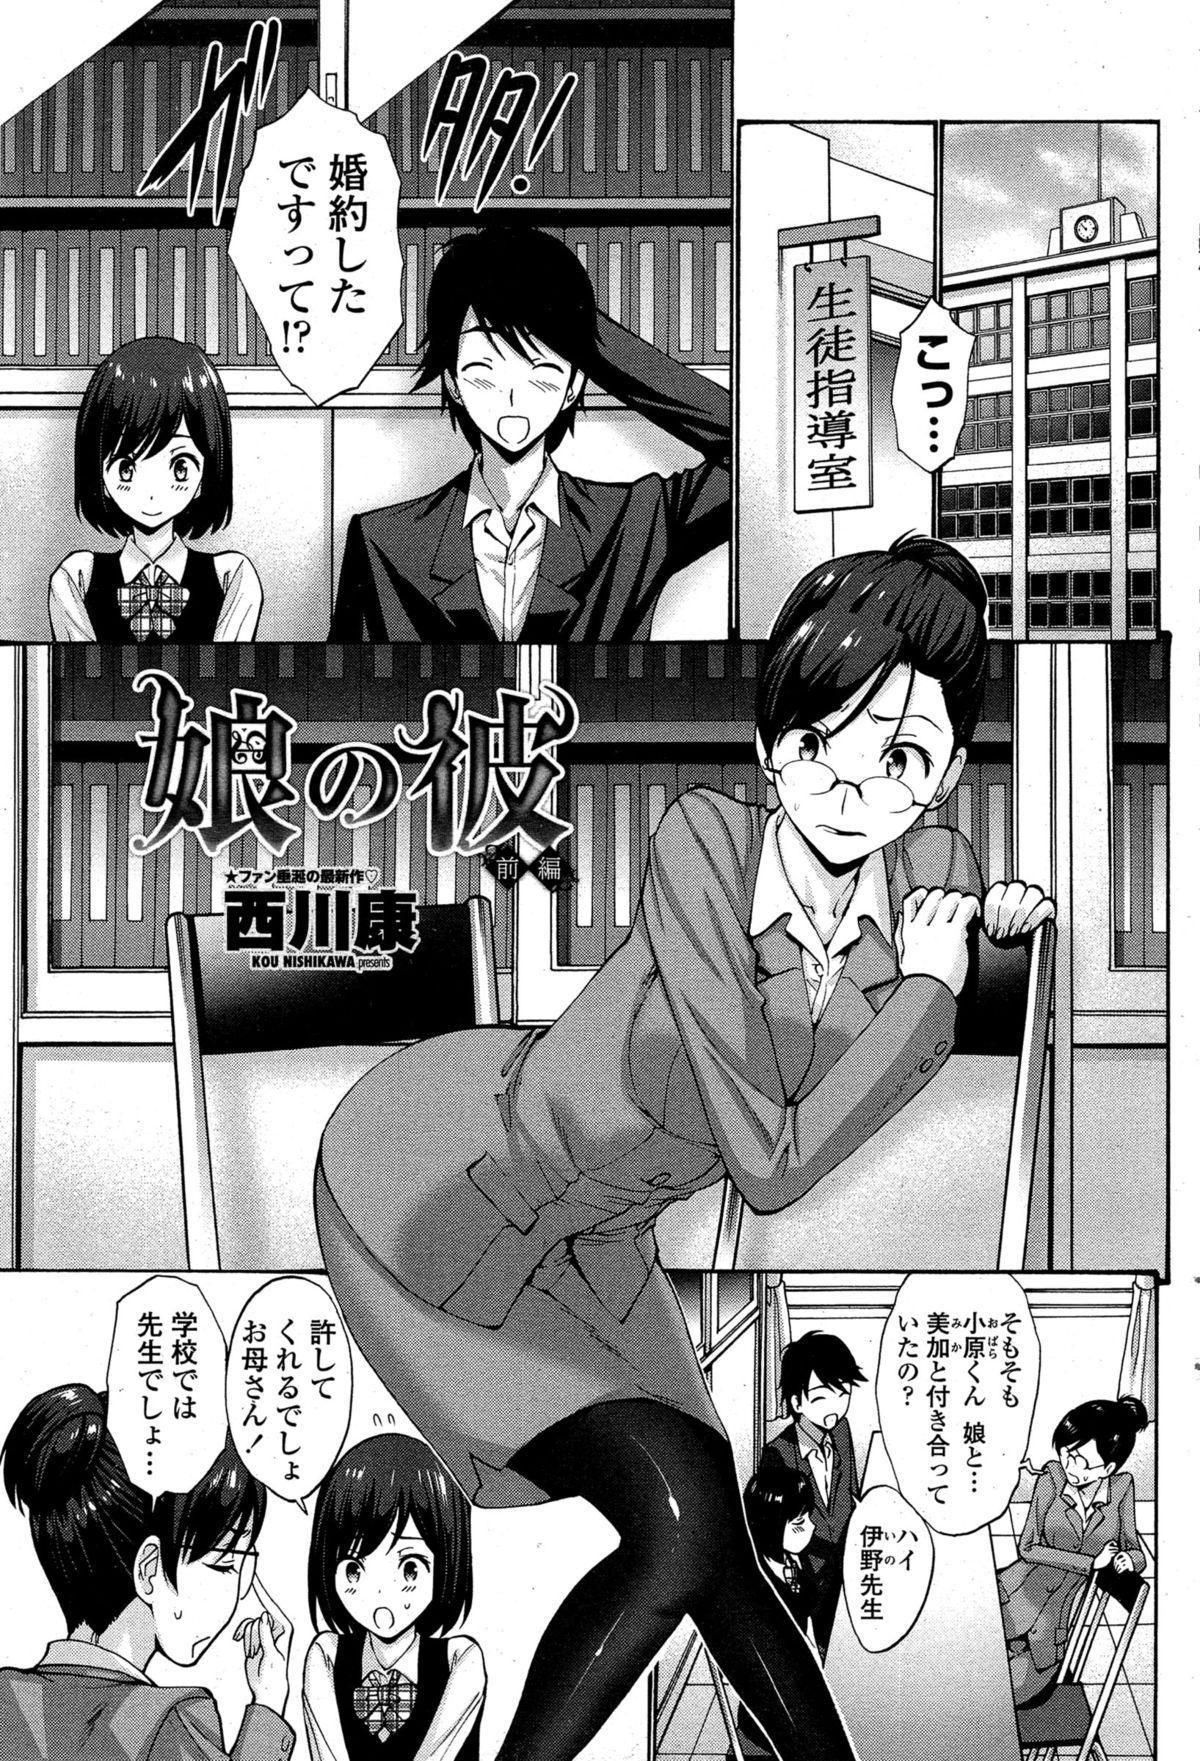 Musume no Kare 0